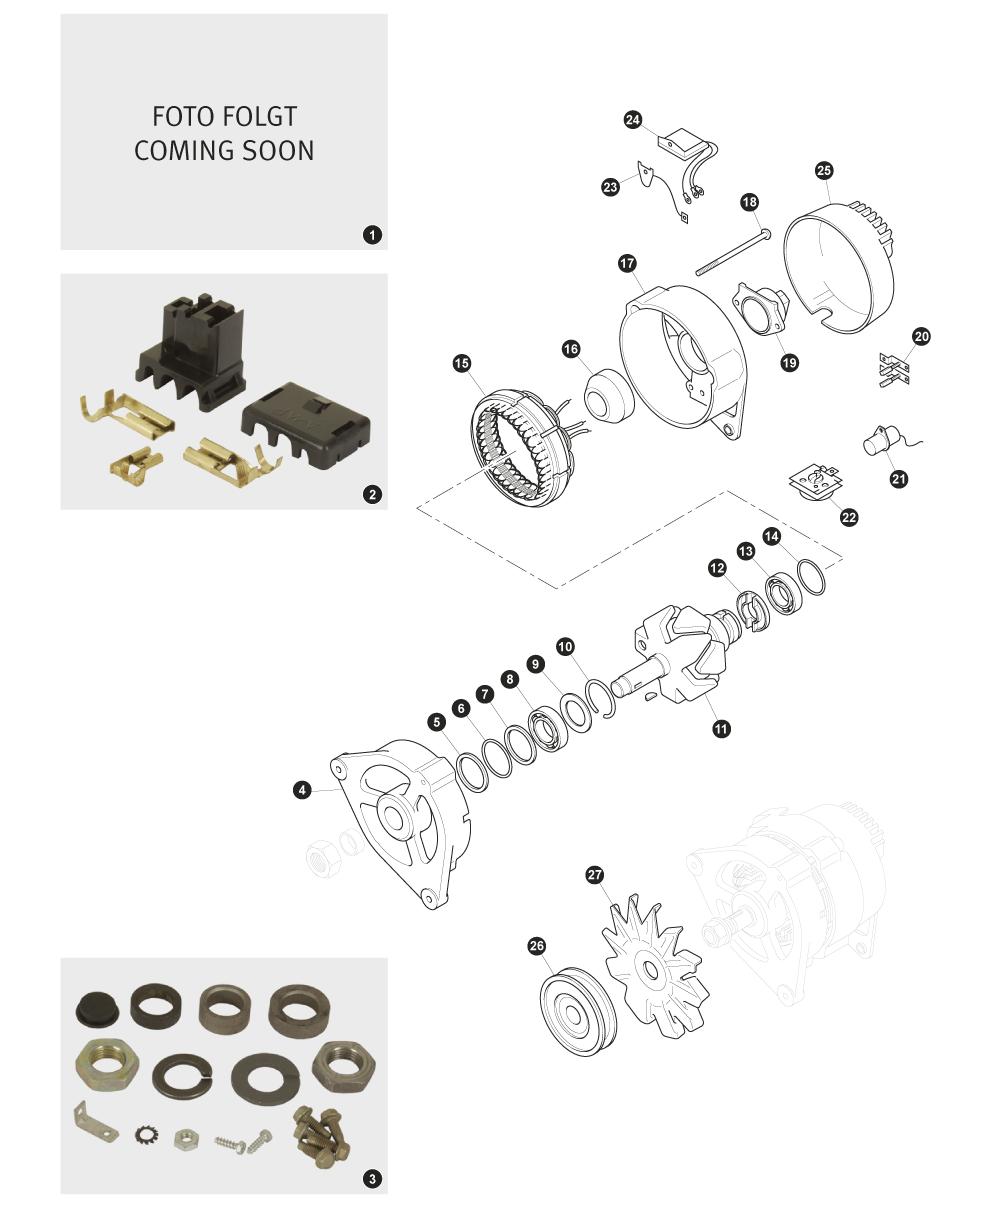 acr parts diagram online wiring diagramlucas alternator plug kit lucas  alternator 17 acr wiring diagramlucas alternator